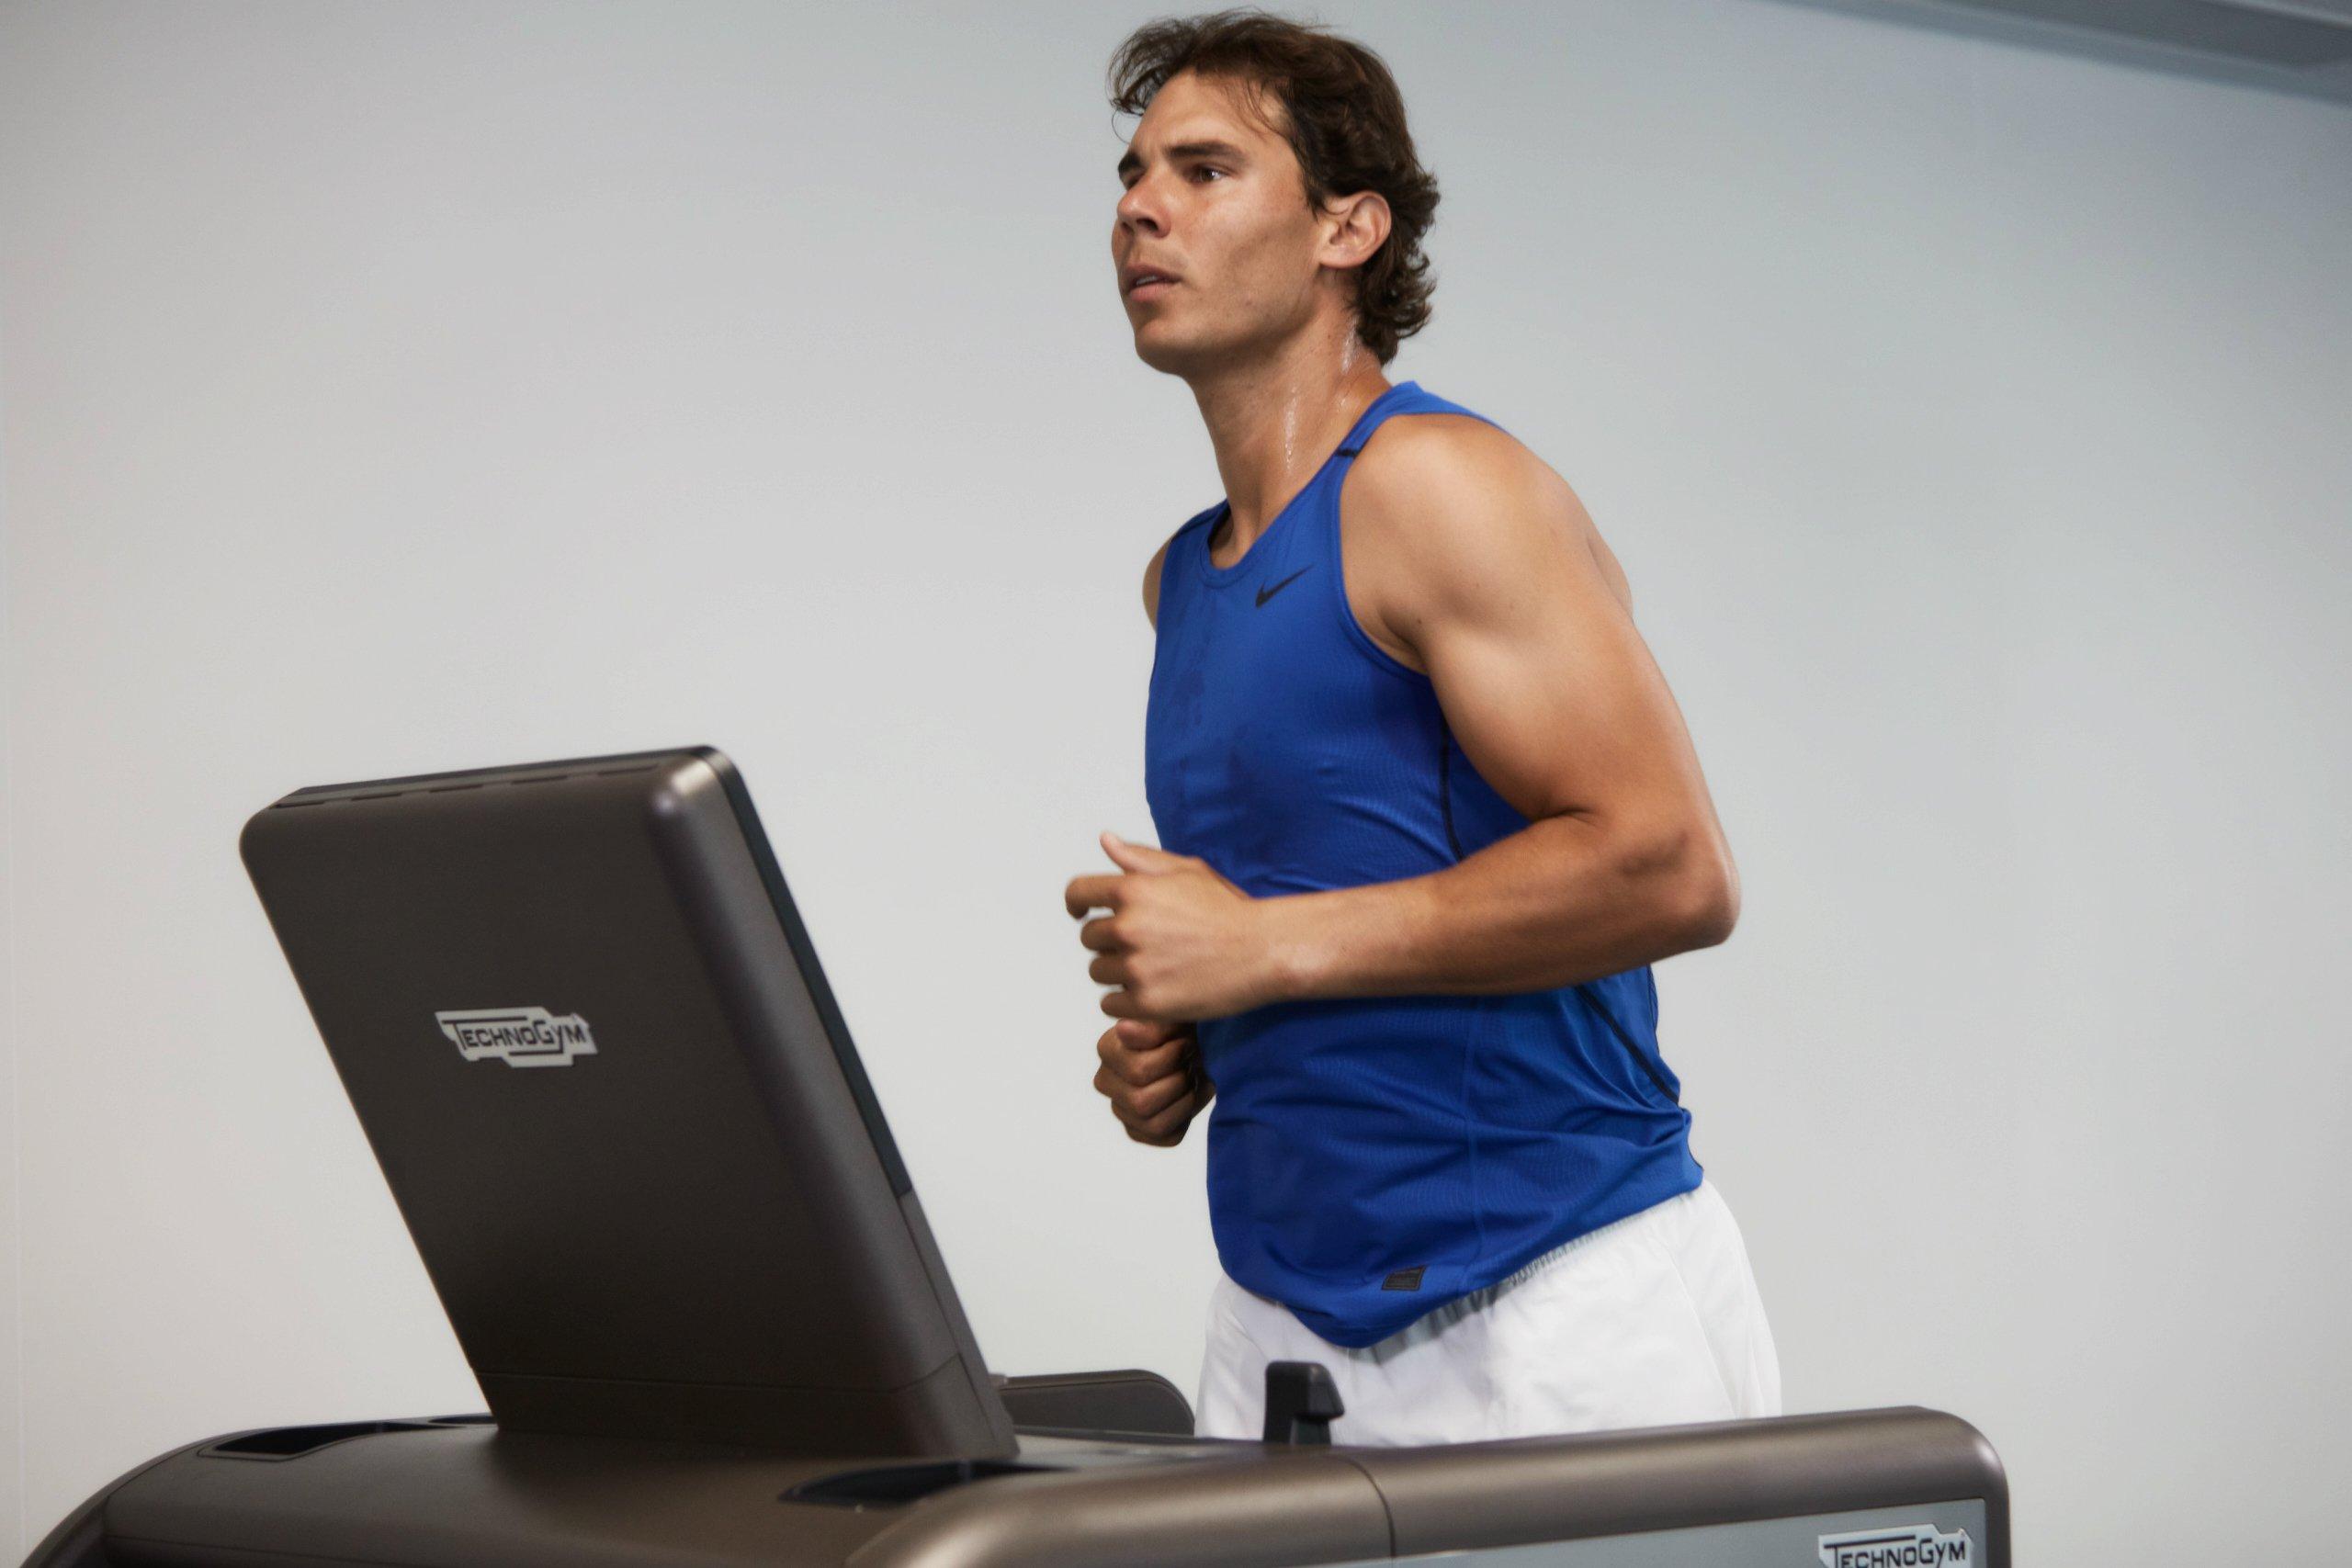 Preparação física: A pré-temporada no tênis